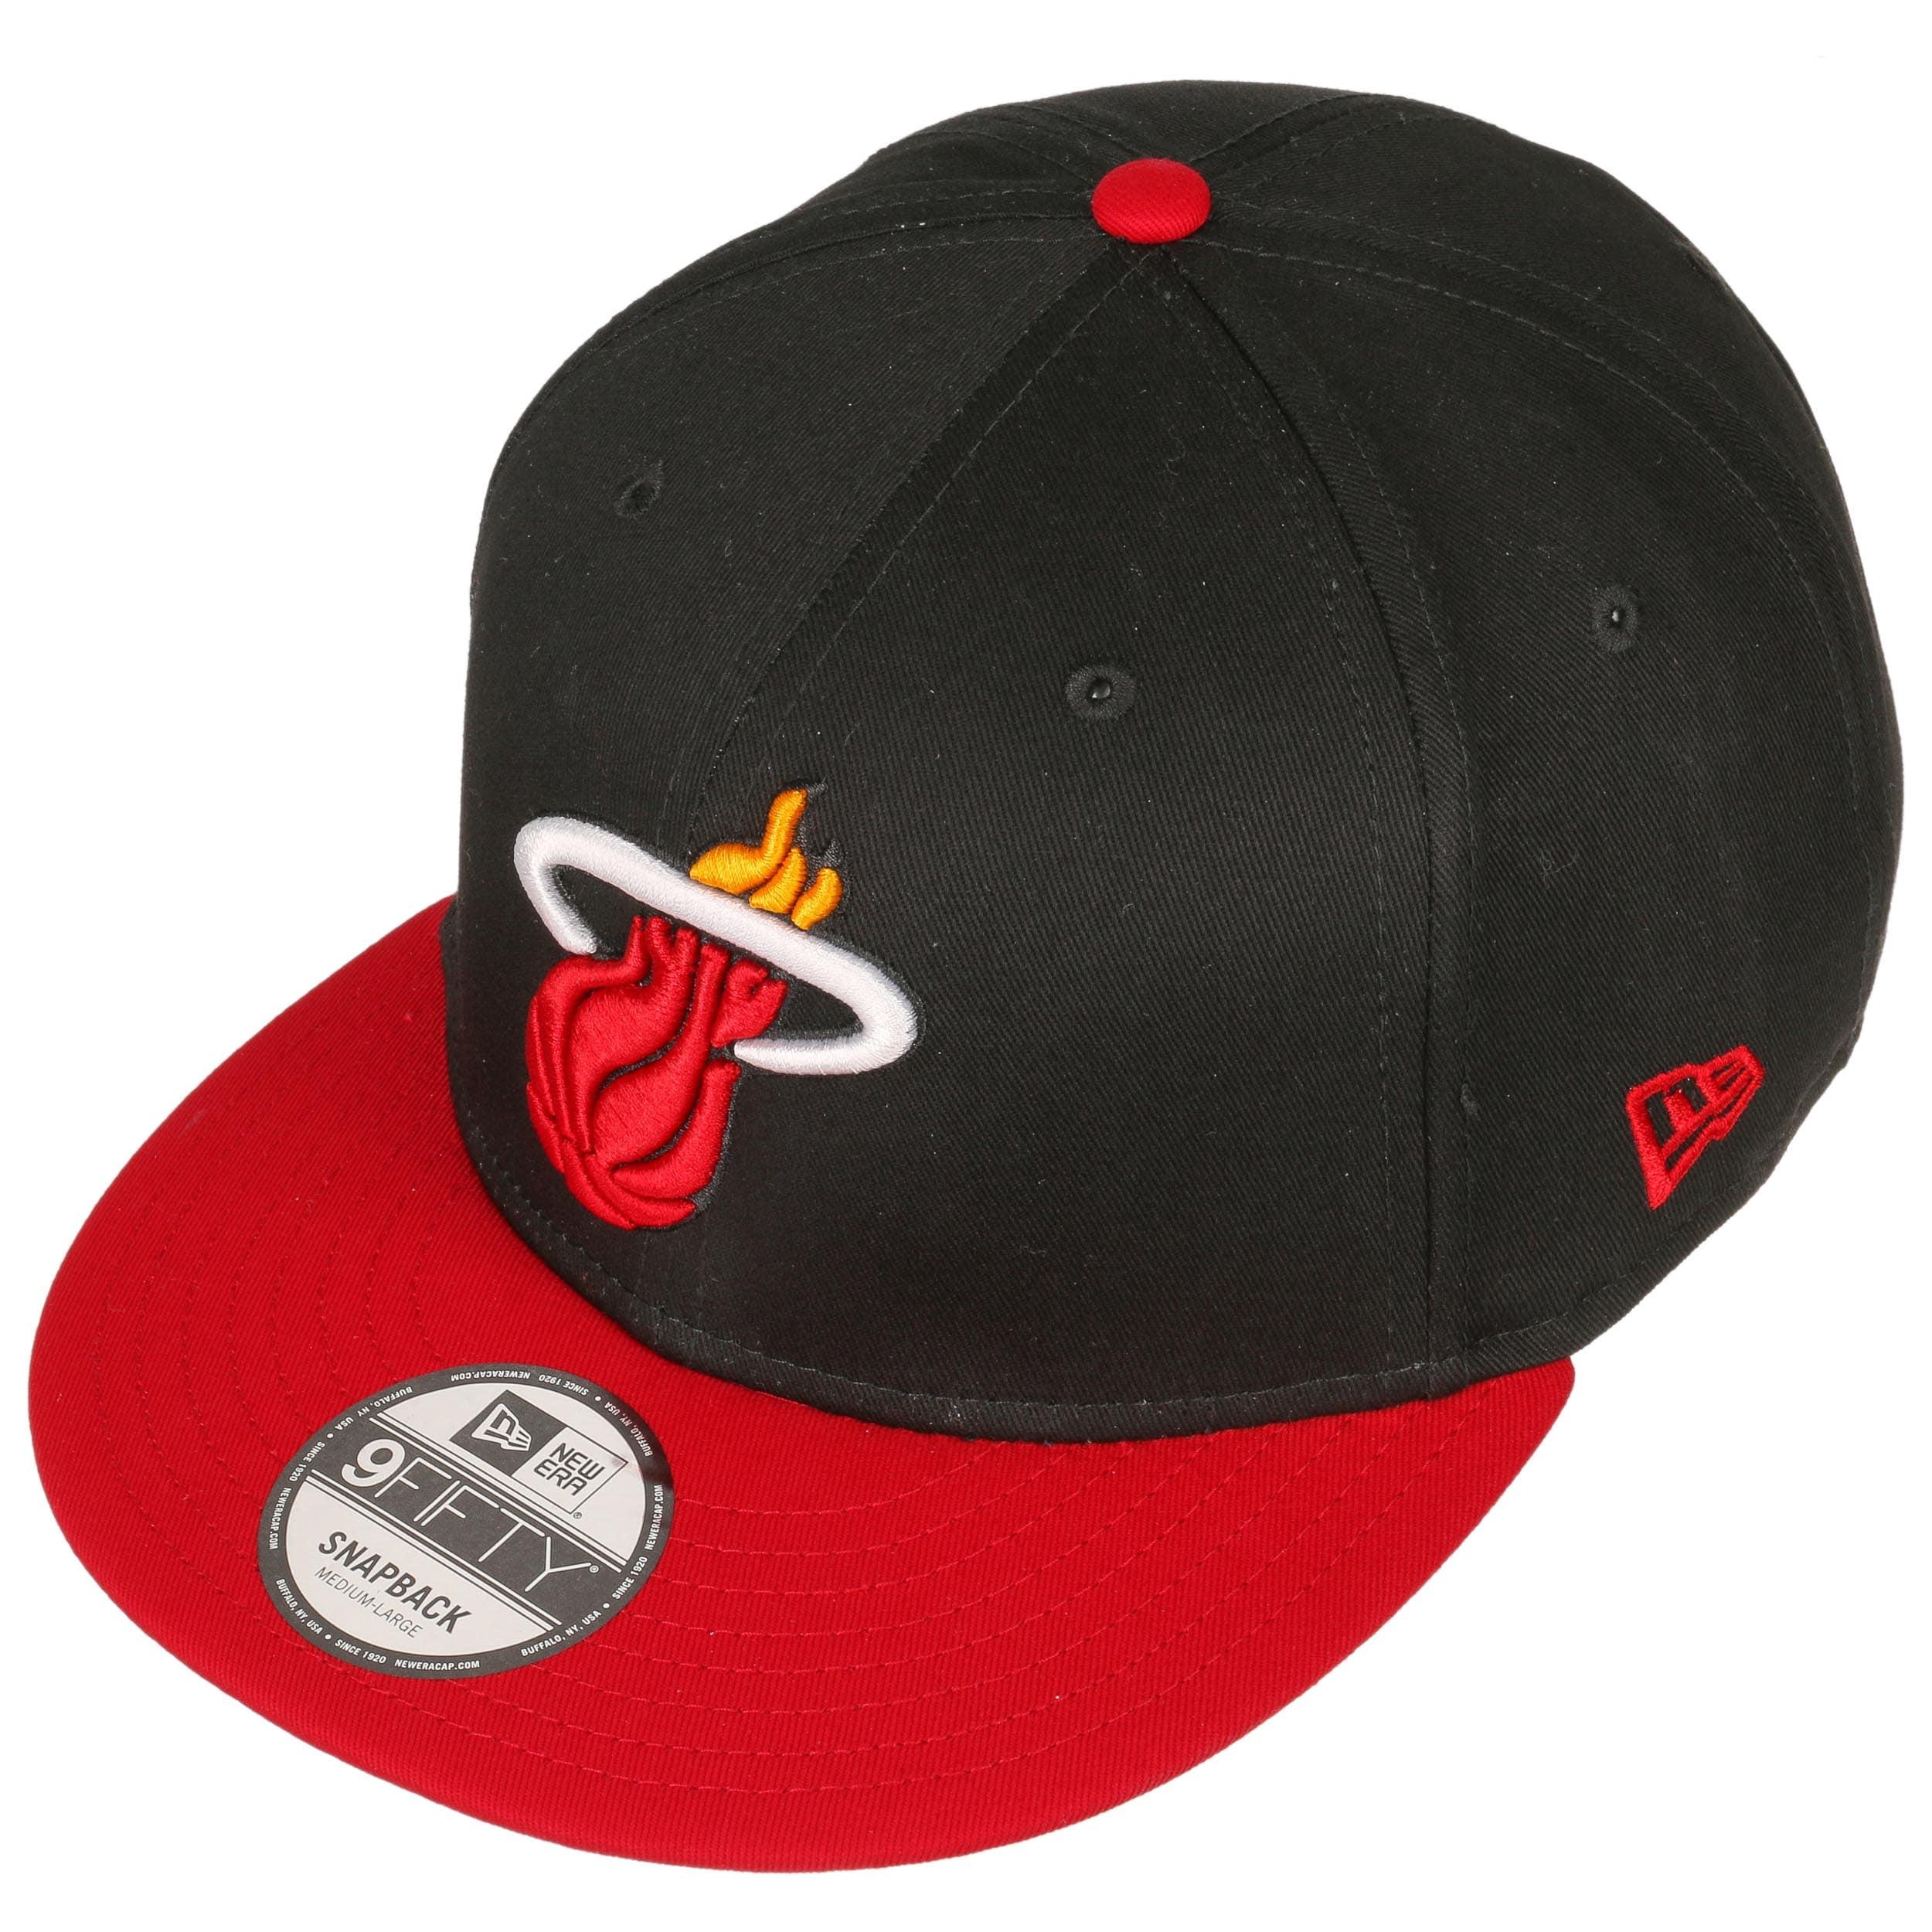 cdbafbcfd31a8 9Fifty TC Miami Heat Cap by New Era - black 1 ...